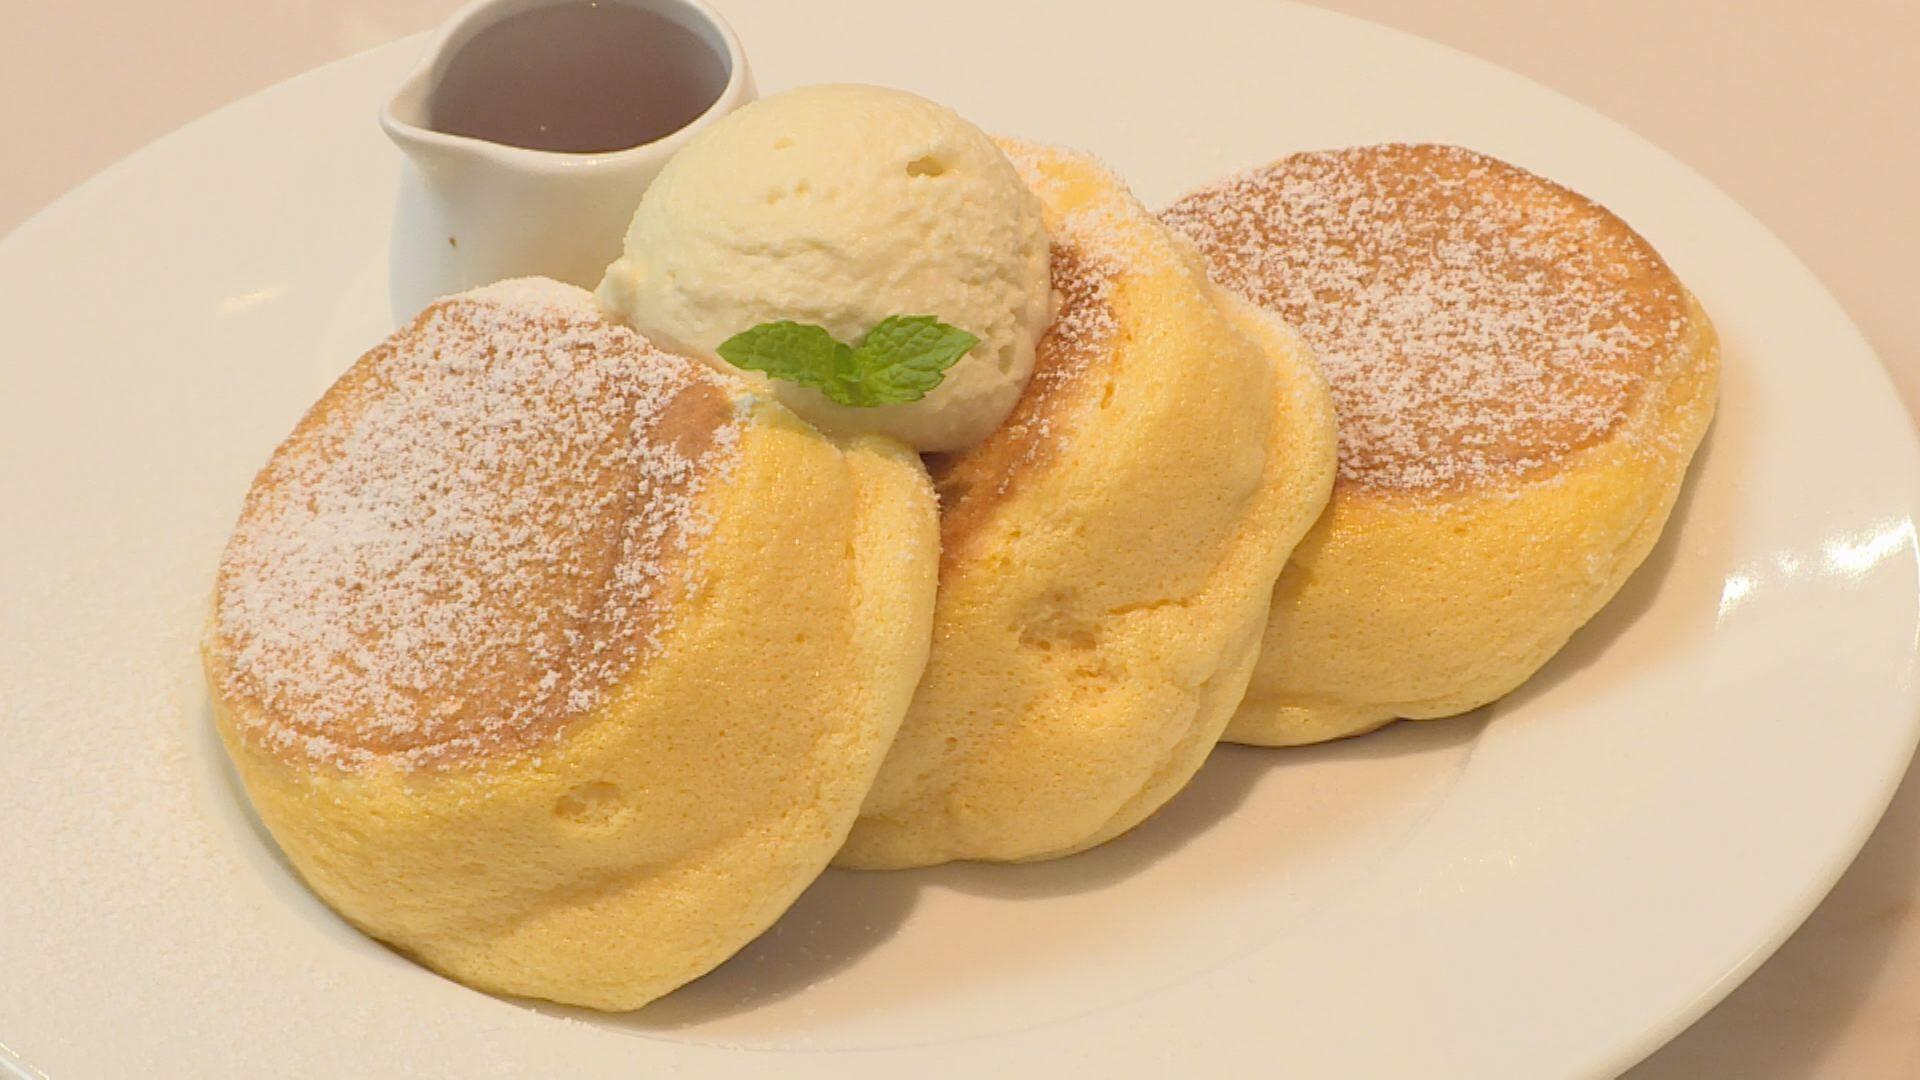 幸せのパンケーキ 横浜中華街店 噂のあの店 リサーチ おすすめ番組 今月の特番 Ycvチャンネル 横浜ケーブルビジョン Ycv